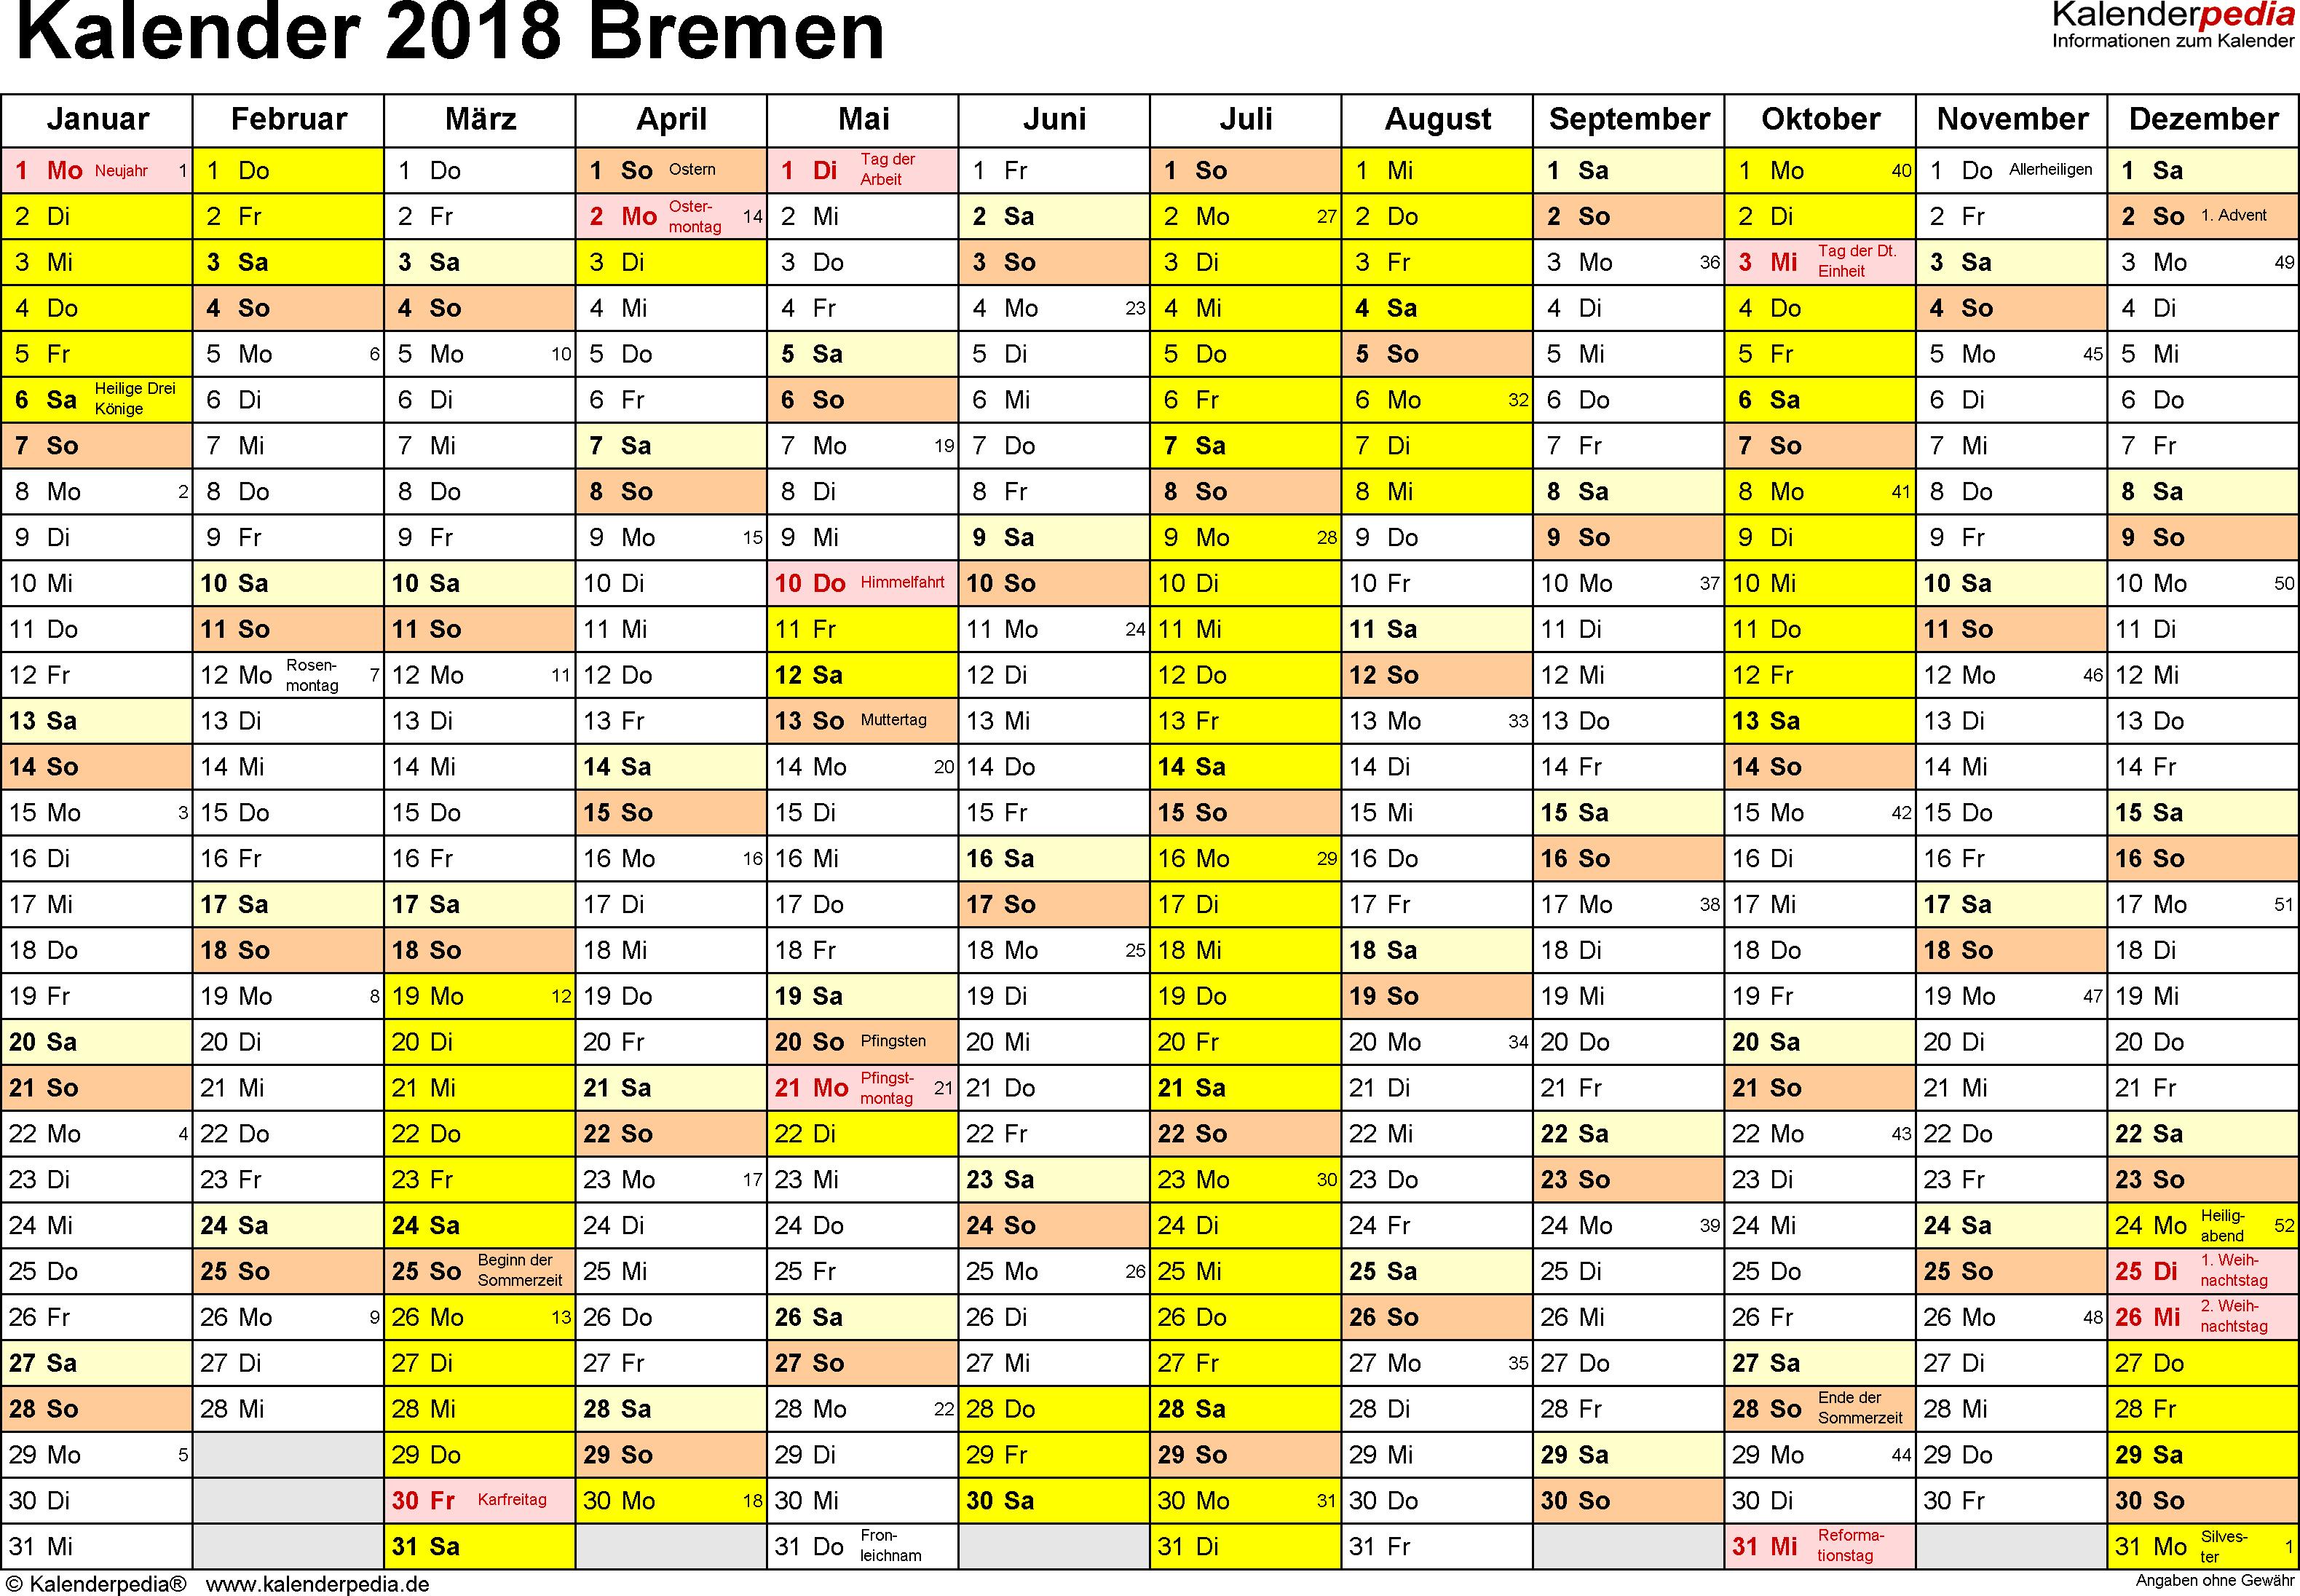 Vorlage 1: Kalender 2018 für Bremen als Word-Vorlage (Querformat, 1 Seite)